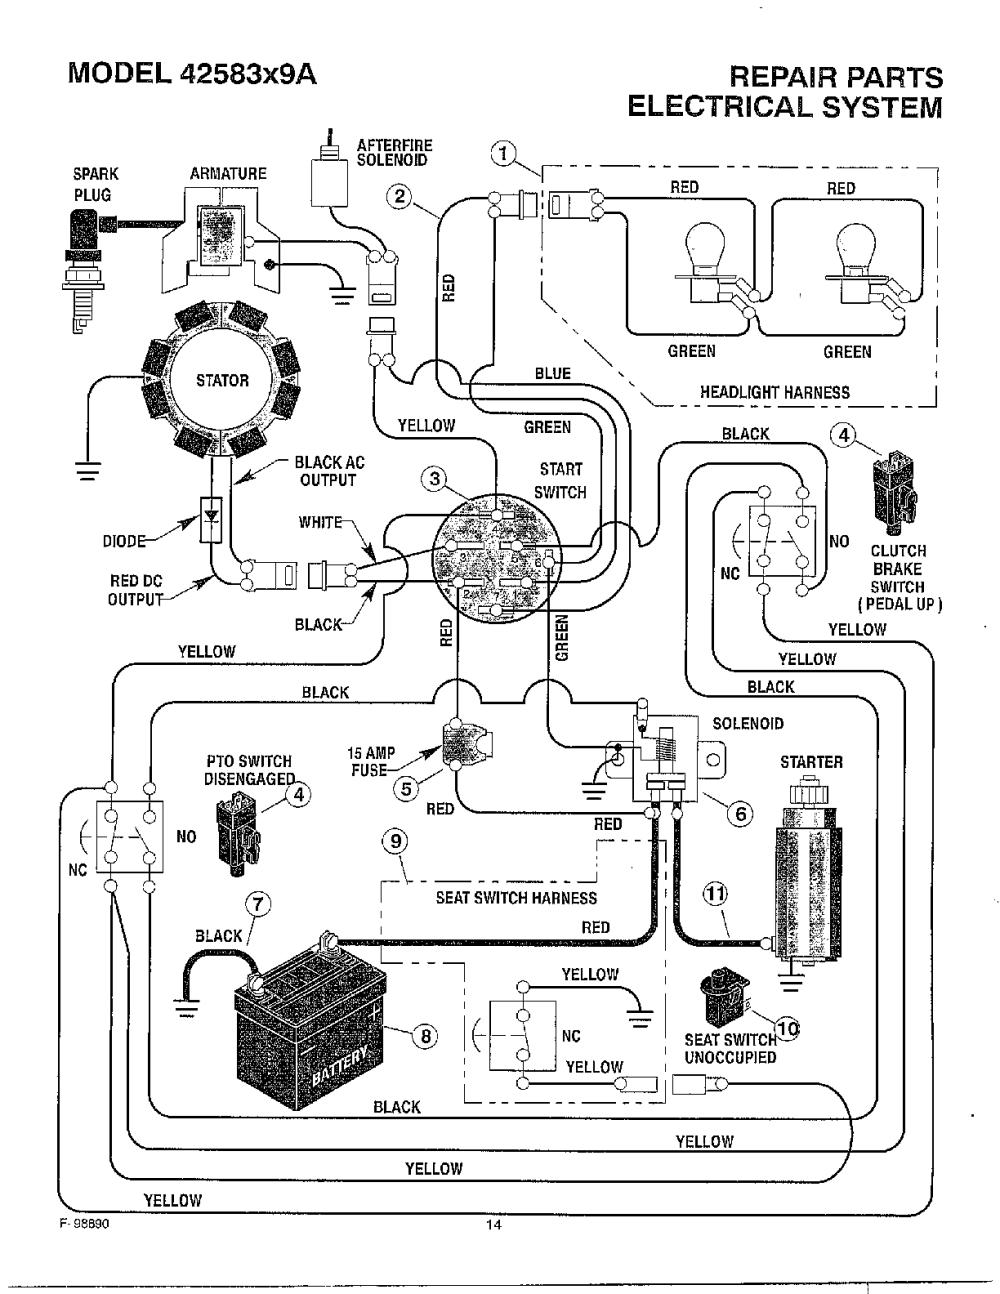 medium resolution of 20 hp briggs and stratton parts diagram wiring 1 1 pluspatrunoua de u202212 hp briggs